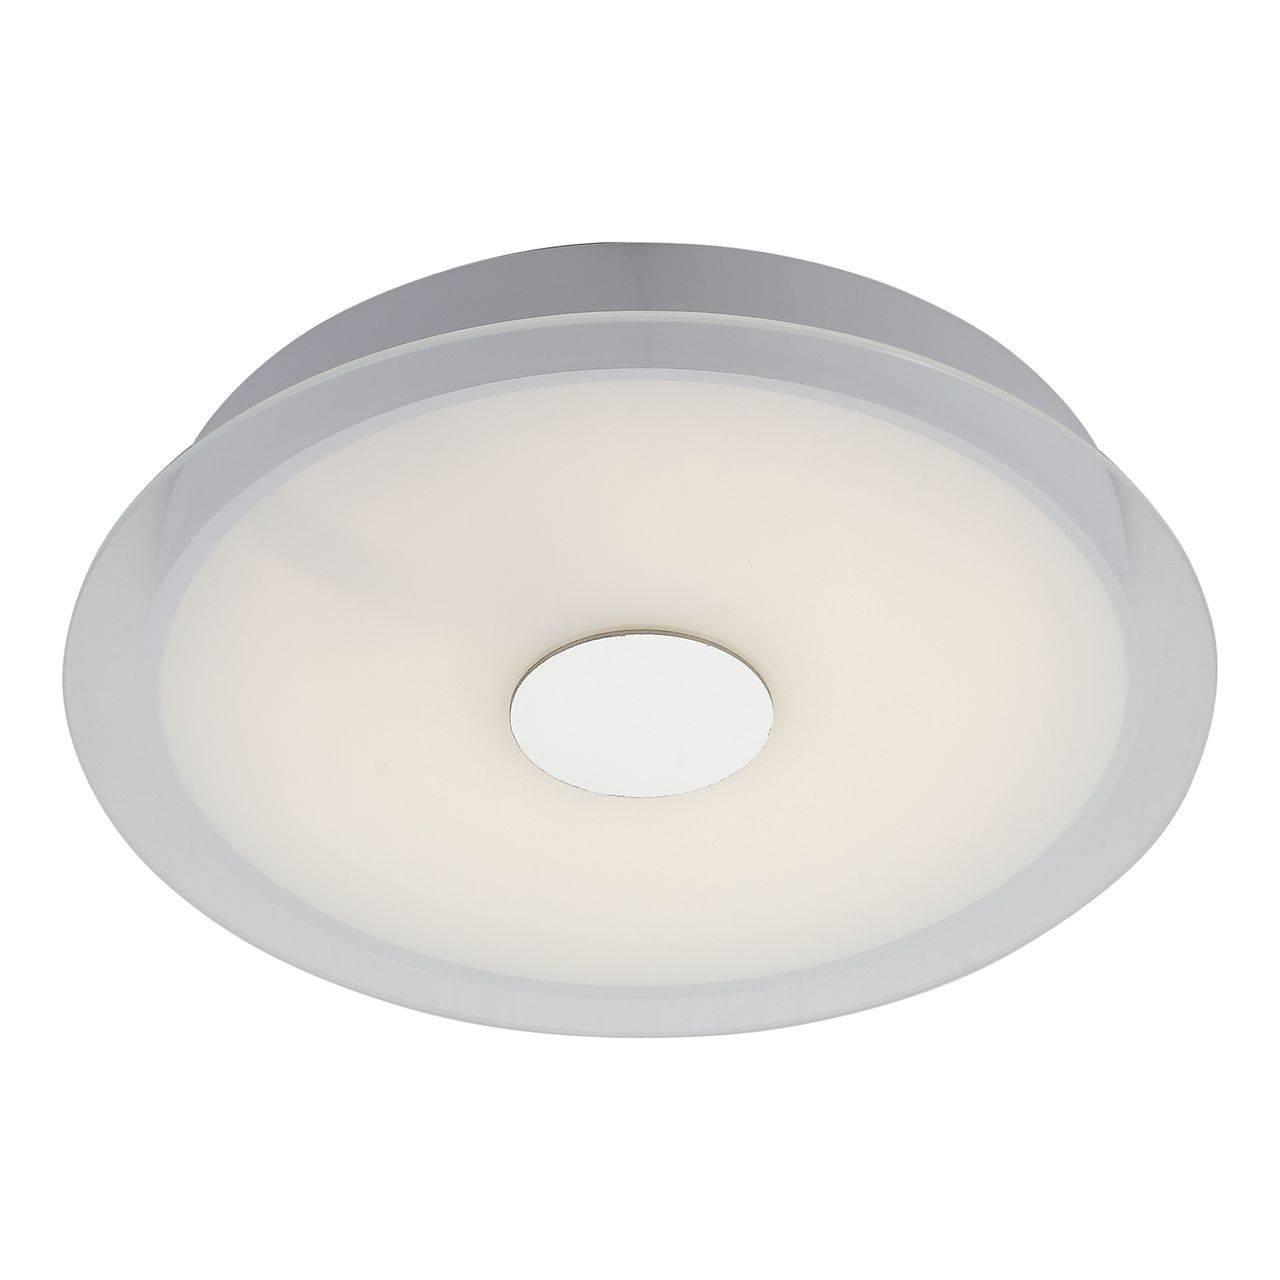 Потолочный светодиодный светильник ST Luce SL471.552.01 st luce sl536 091 01